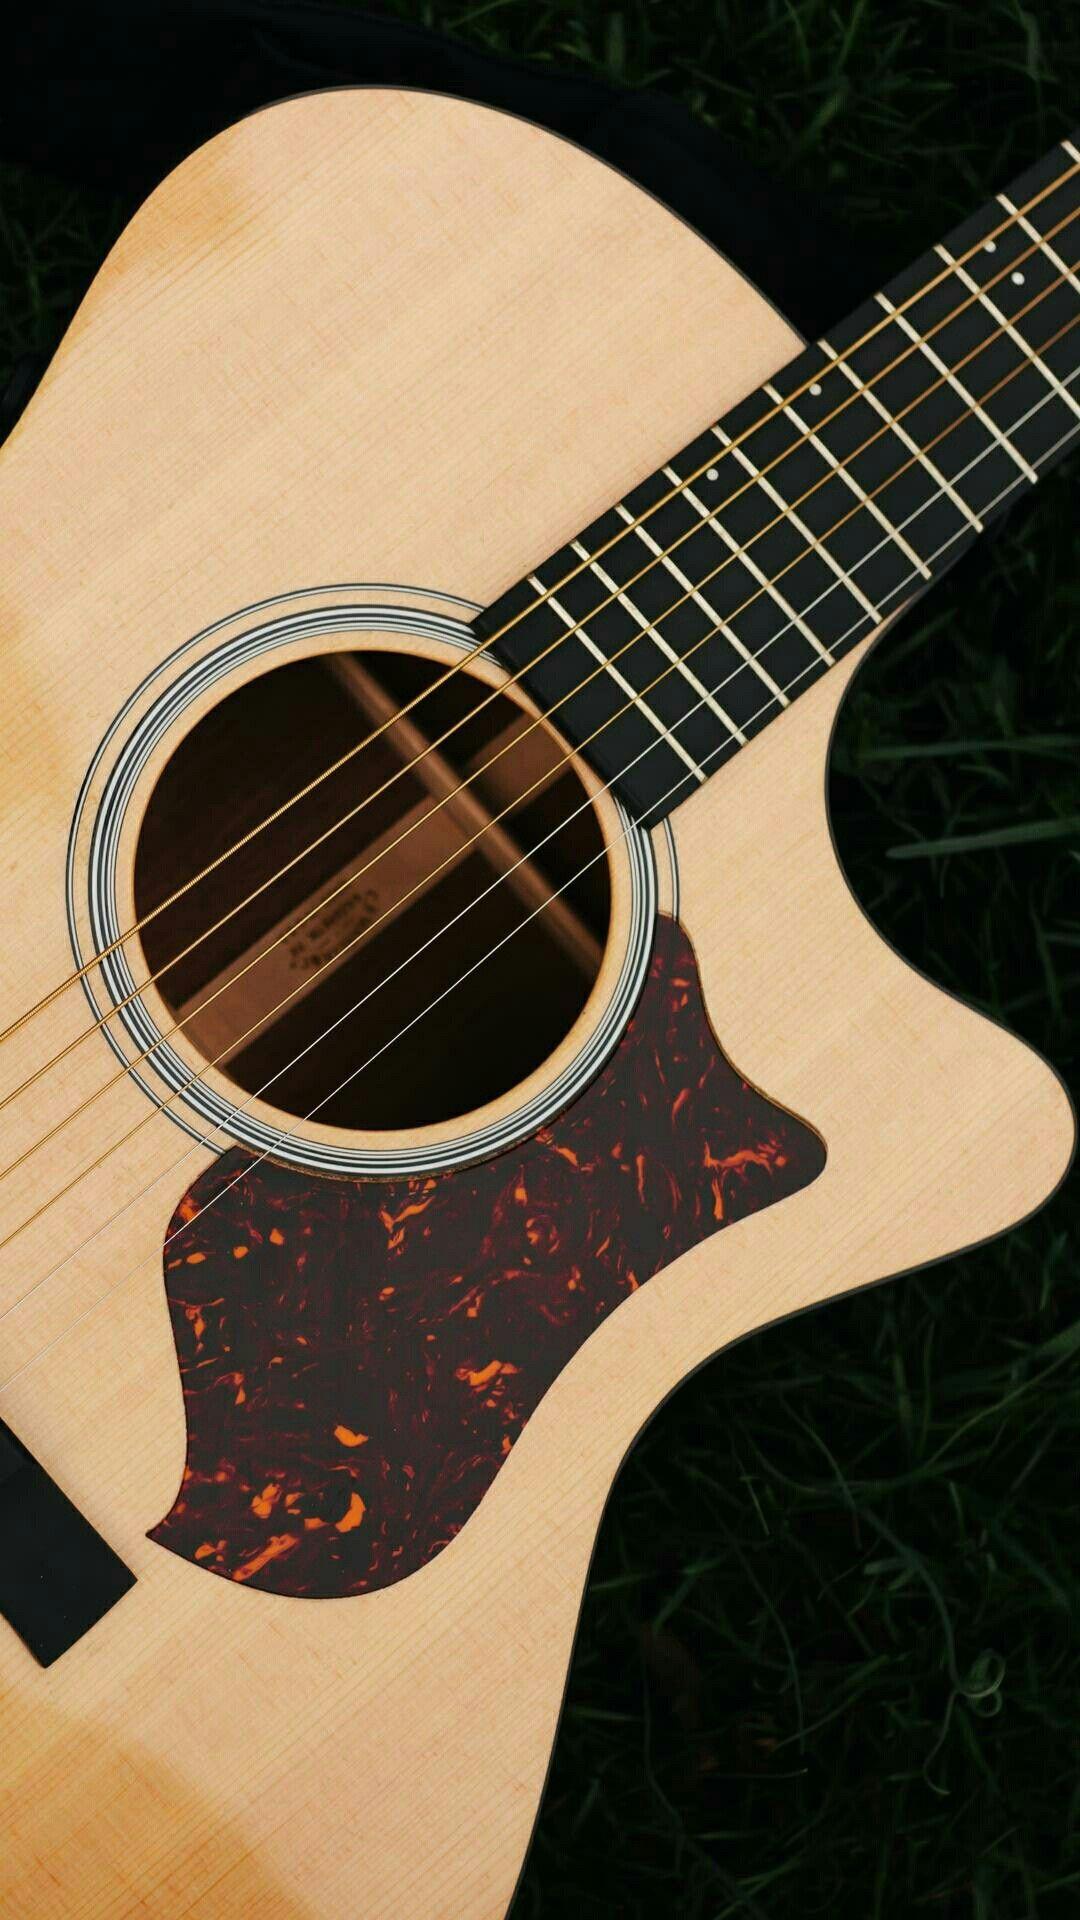 Love Guitar Instrumentos Musicais Instrumentos Musica